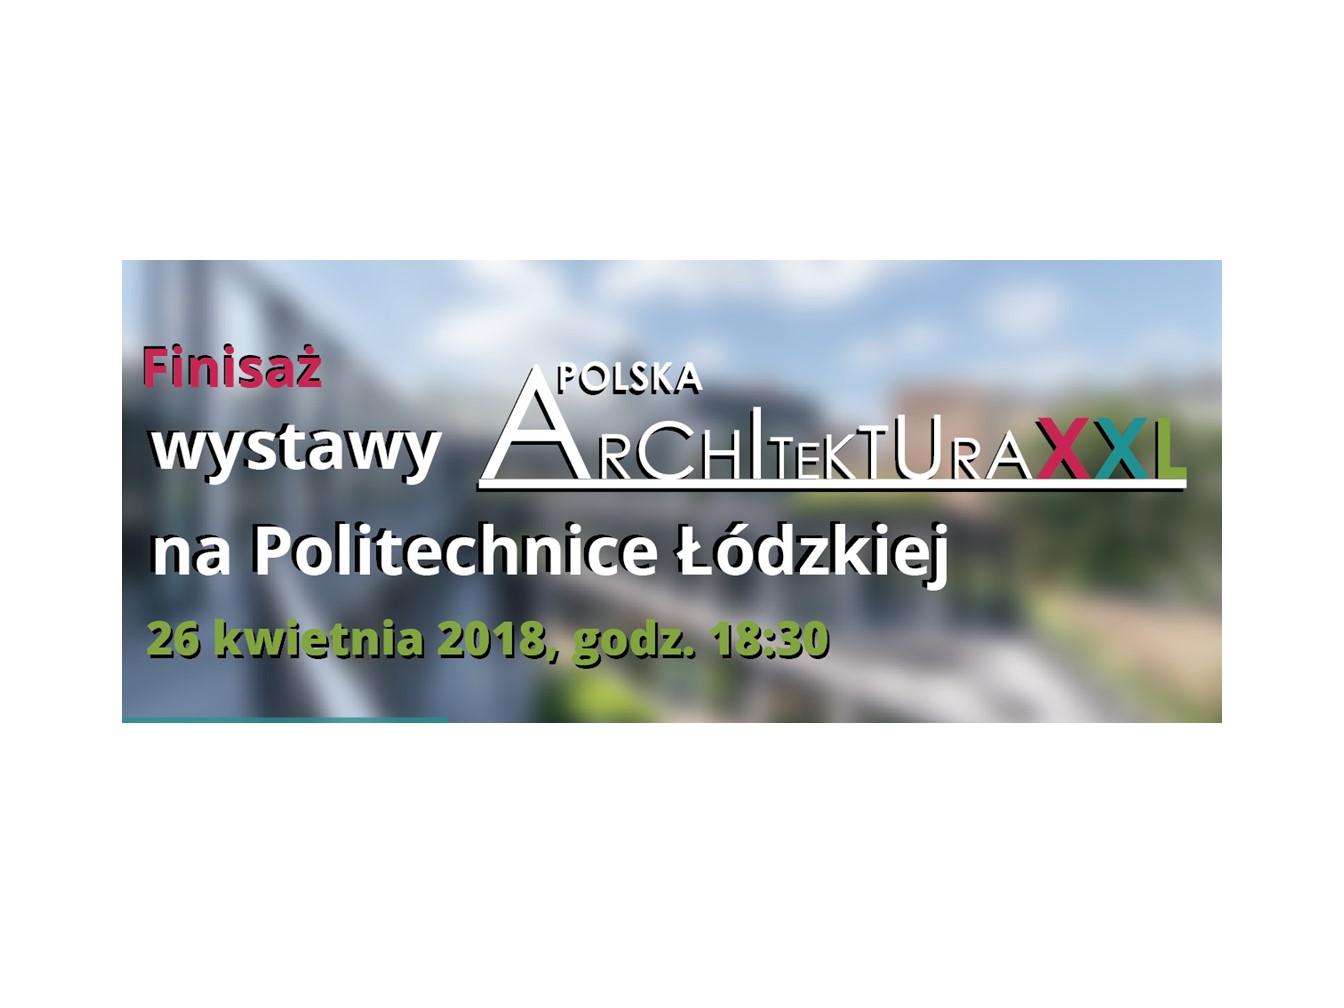 WYSTAWA POLSKA ARCHITEKTURA XXL 2017